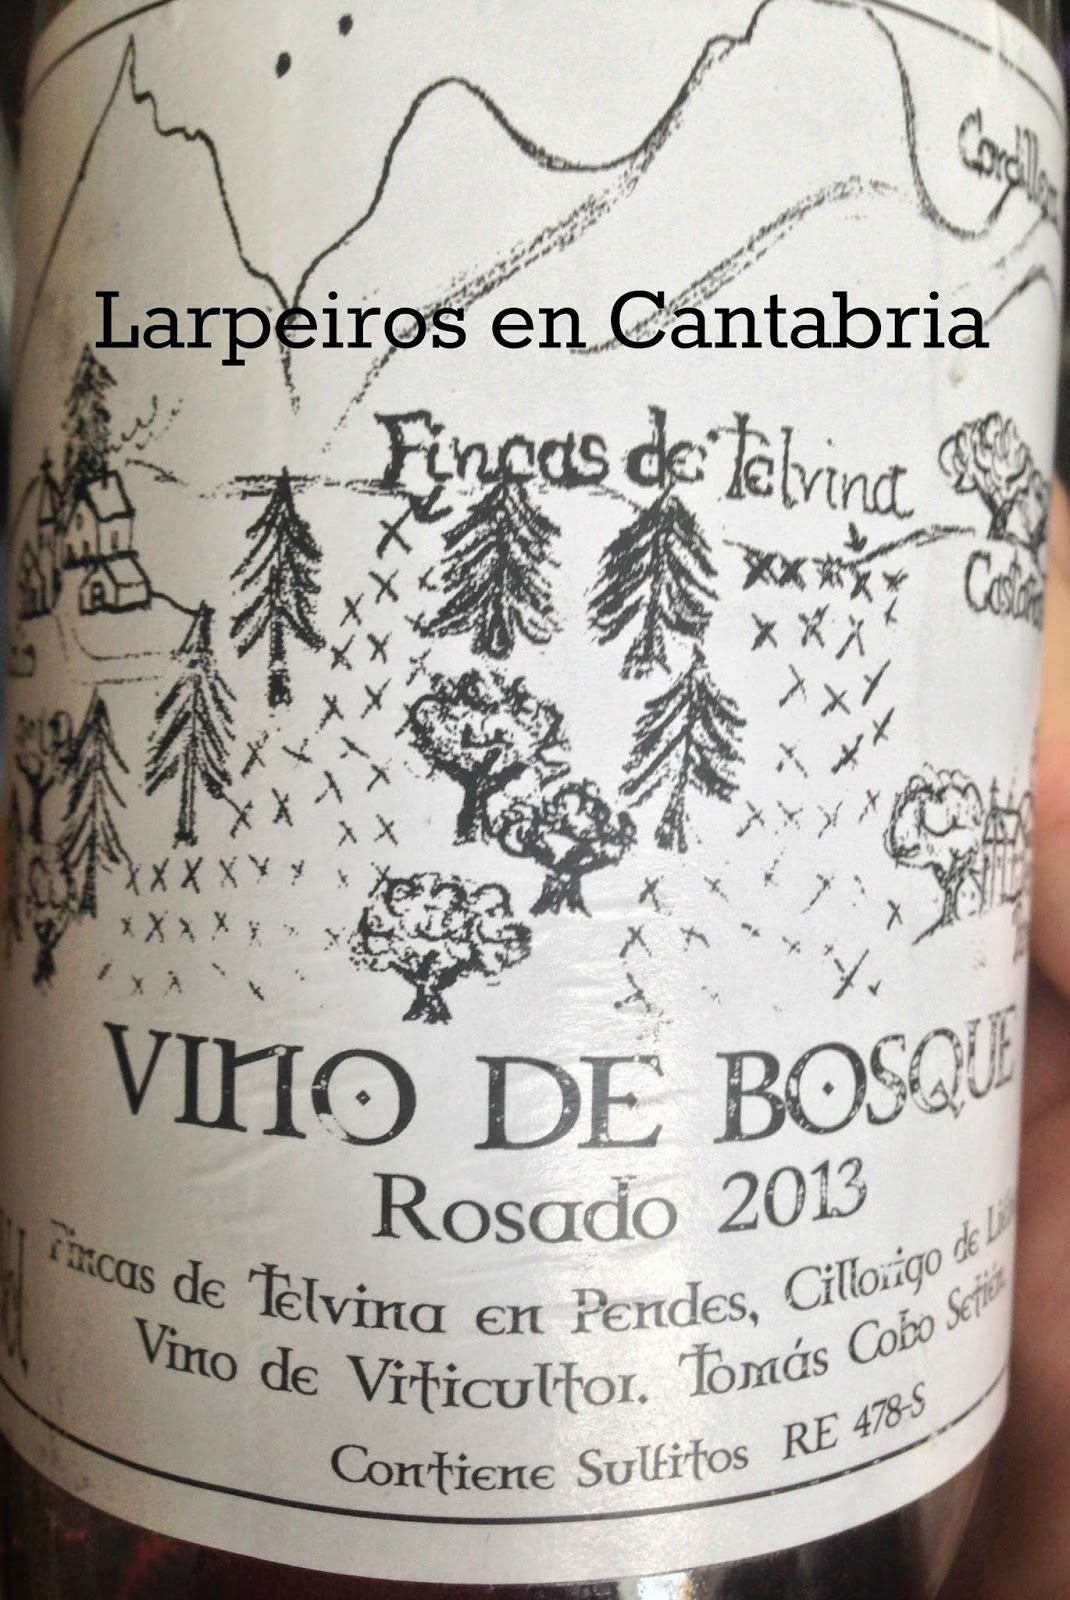 Rosado Vino de Bosque 2013: El primer Rosado de Cantabria